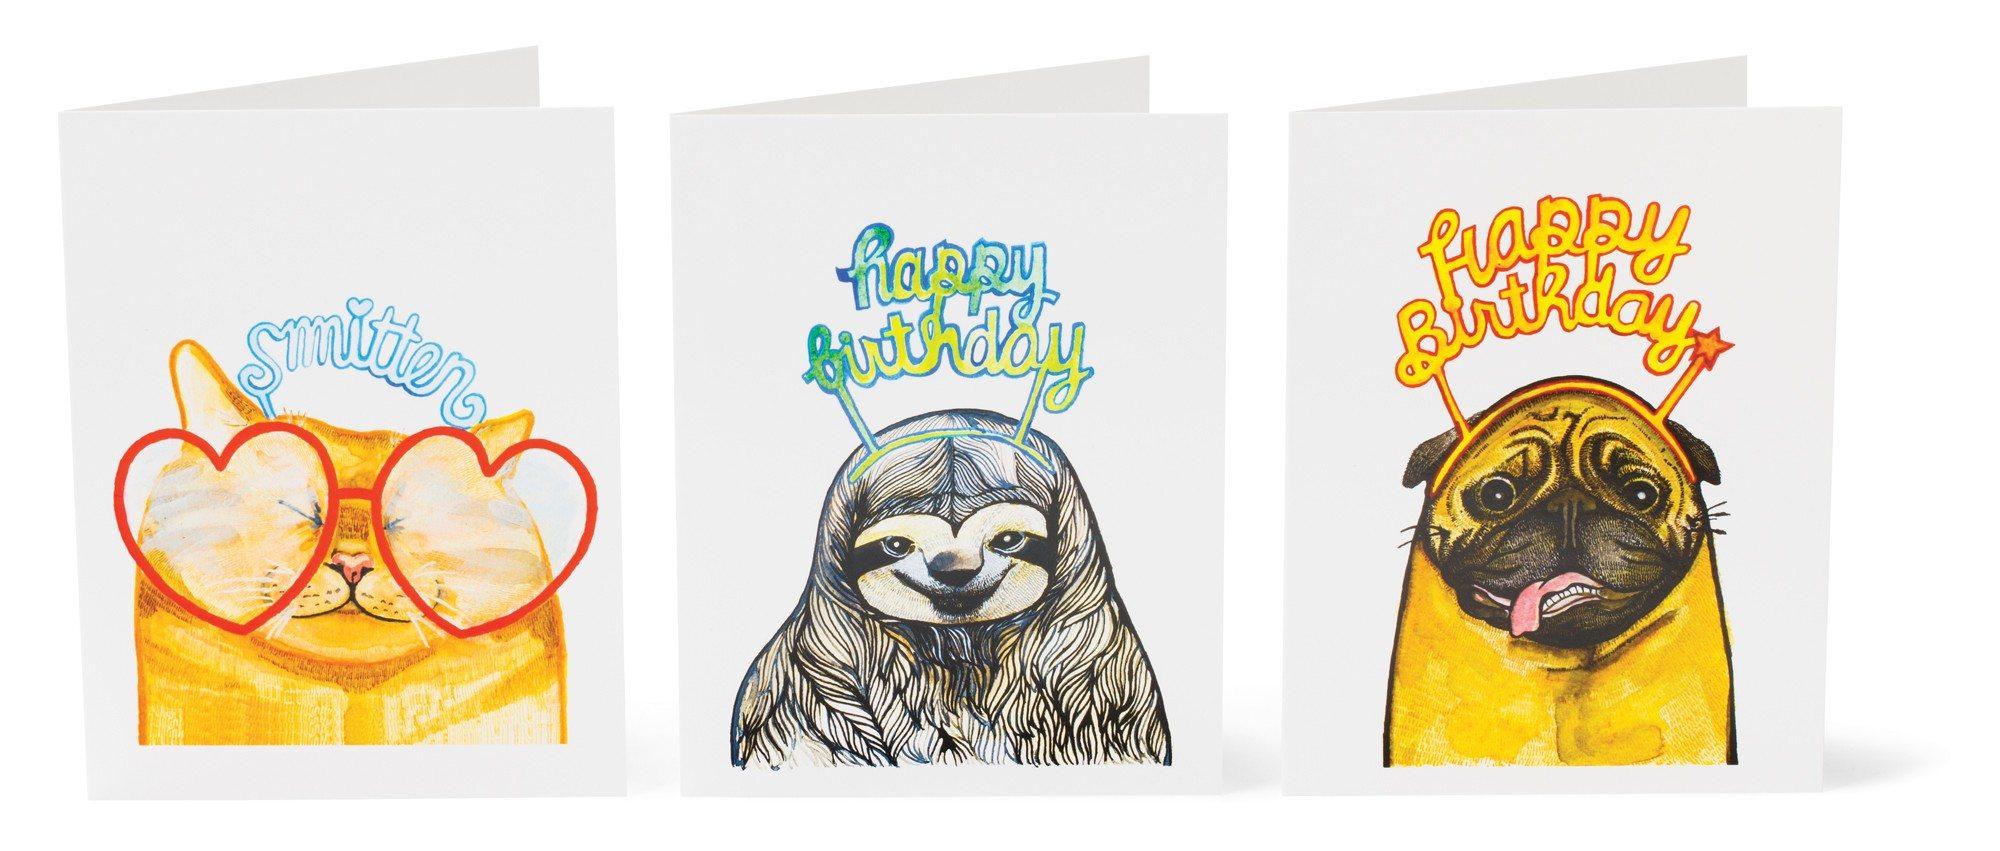 Greeting cards $5 each by Jo Lee, La Jolee